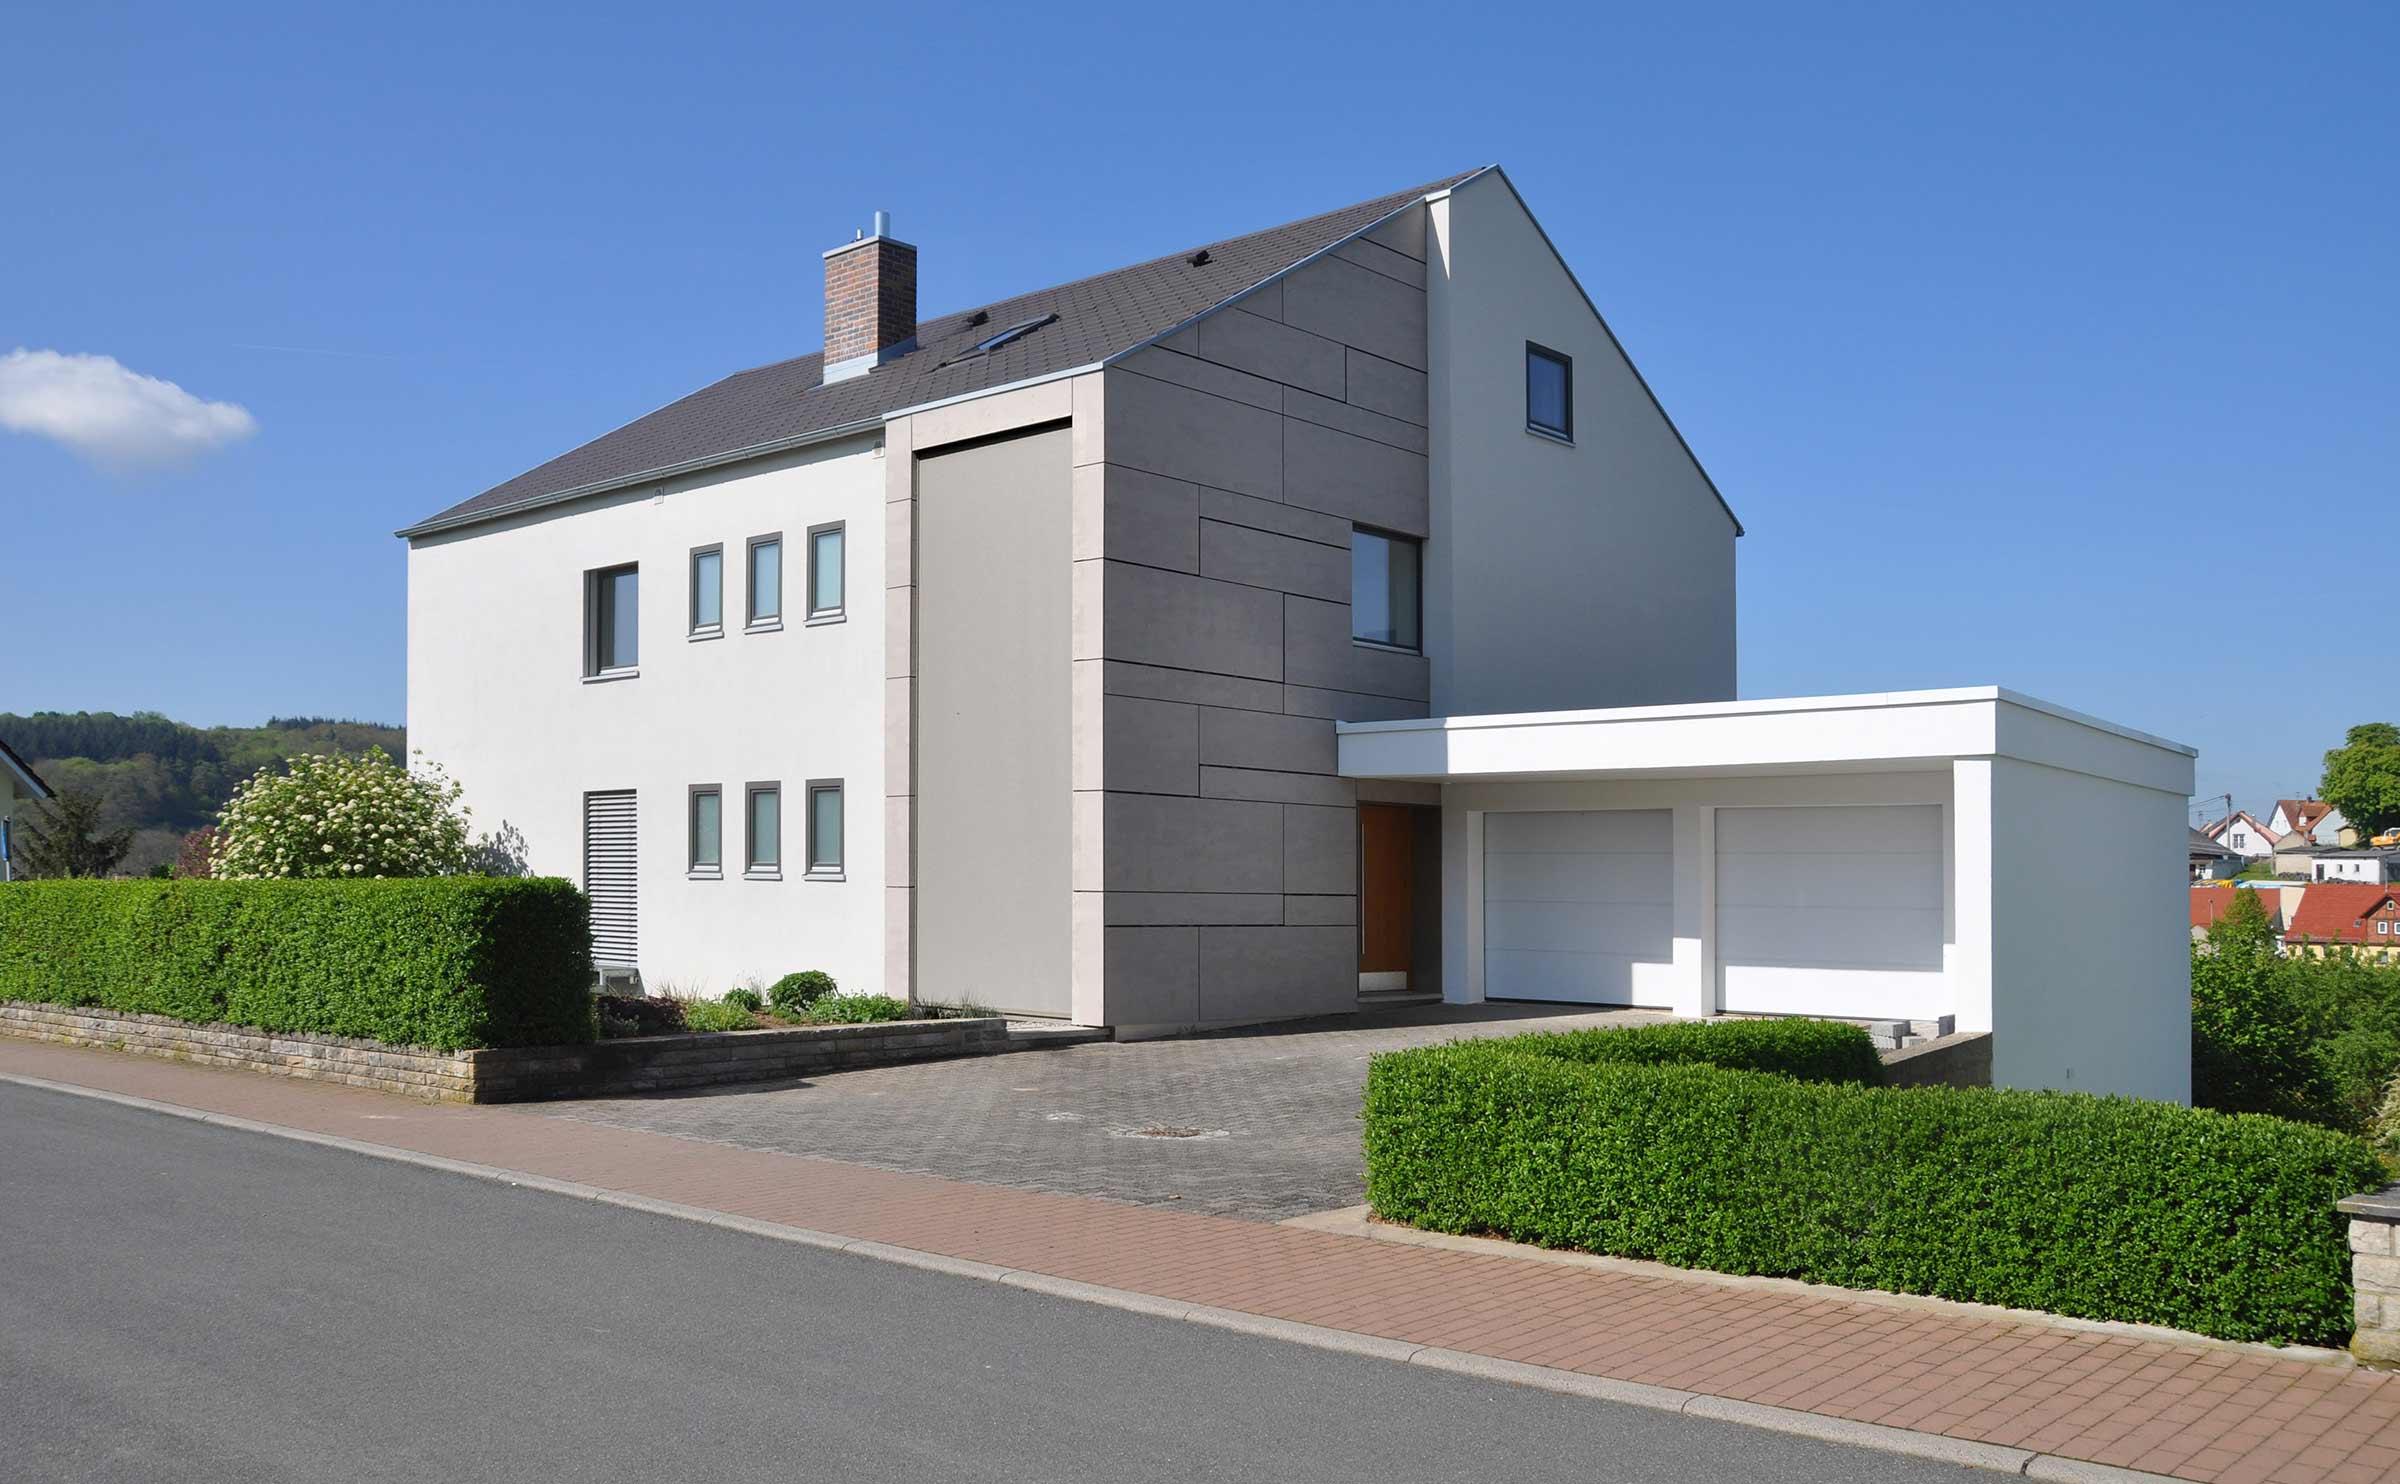 Lurz von Brunn Wohnhaus Wittighausen Sanierung